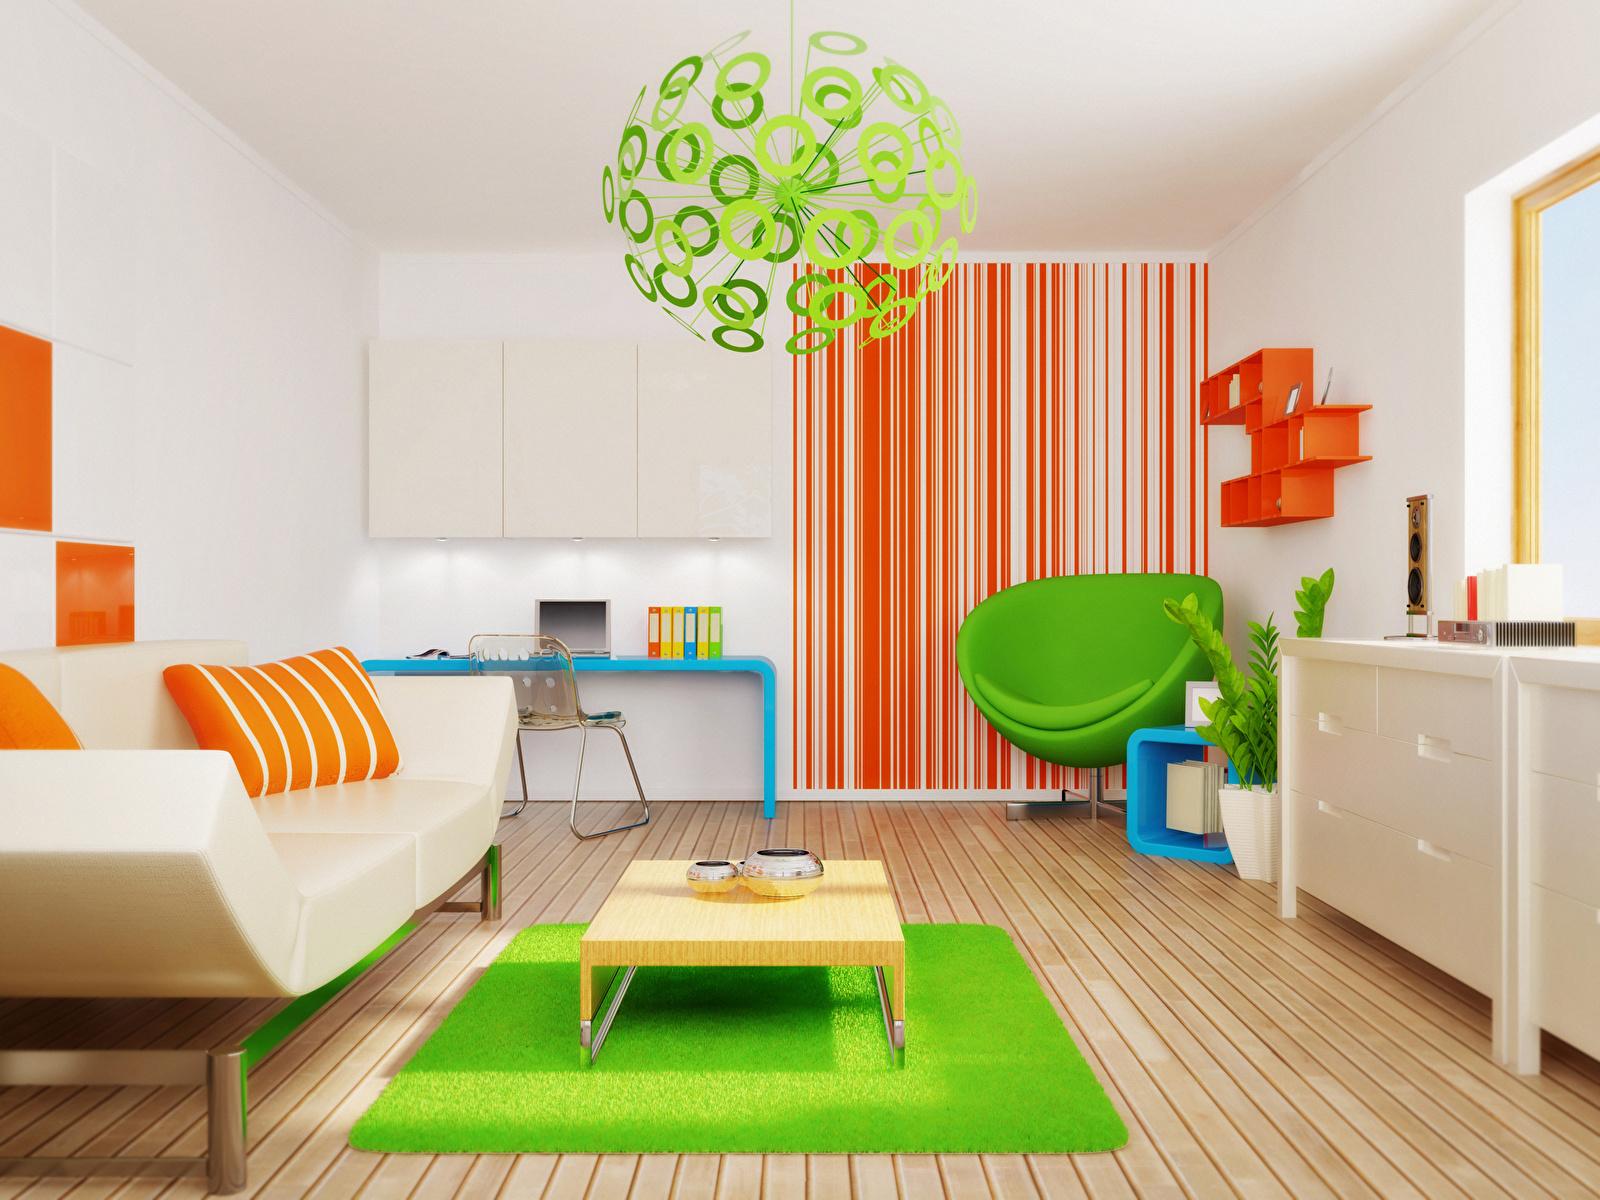 Картинка Детская комната 3D Графика Интерьер Диван Люстра Кресло Дизайн 1600x1200 3д люстры диване дизайна